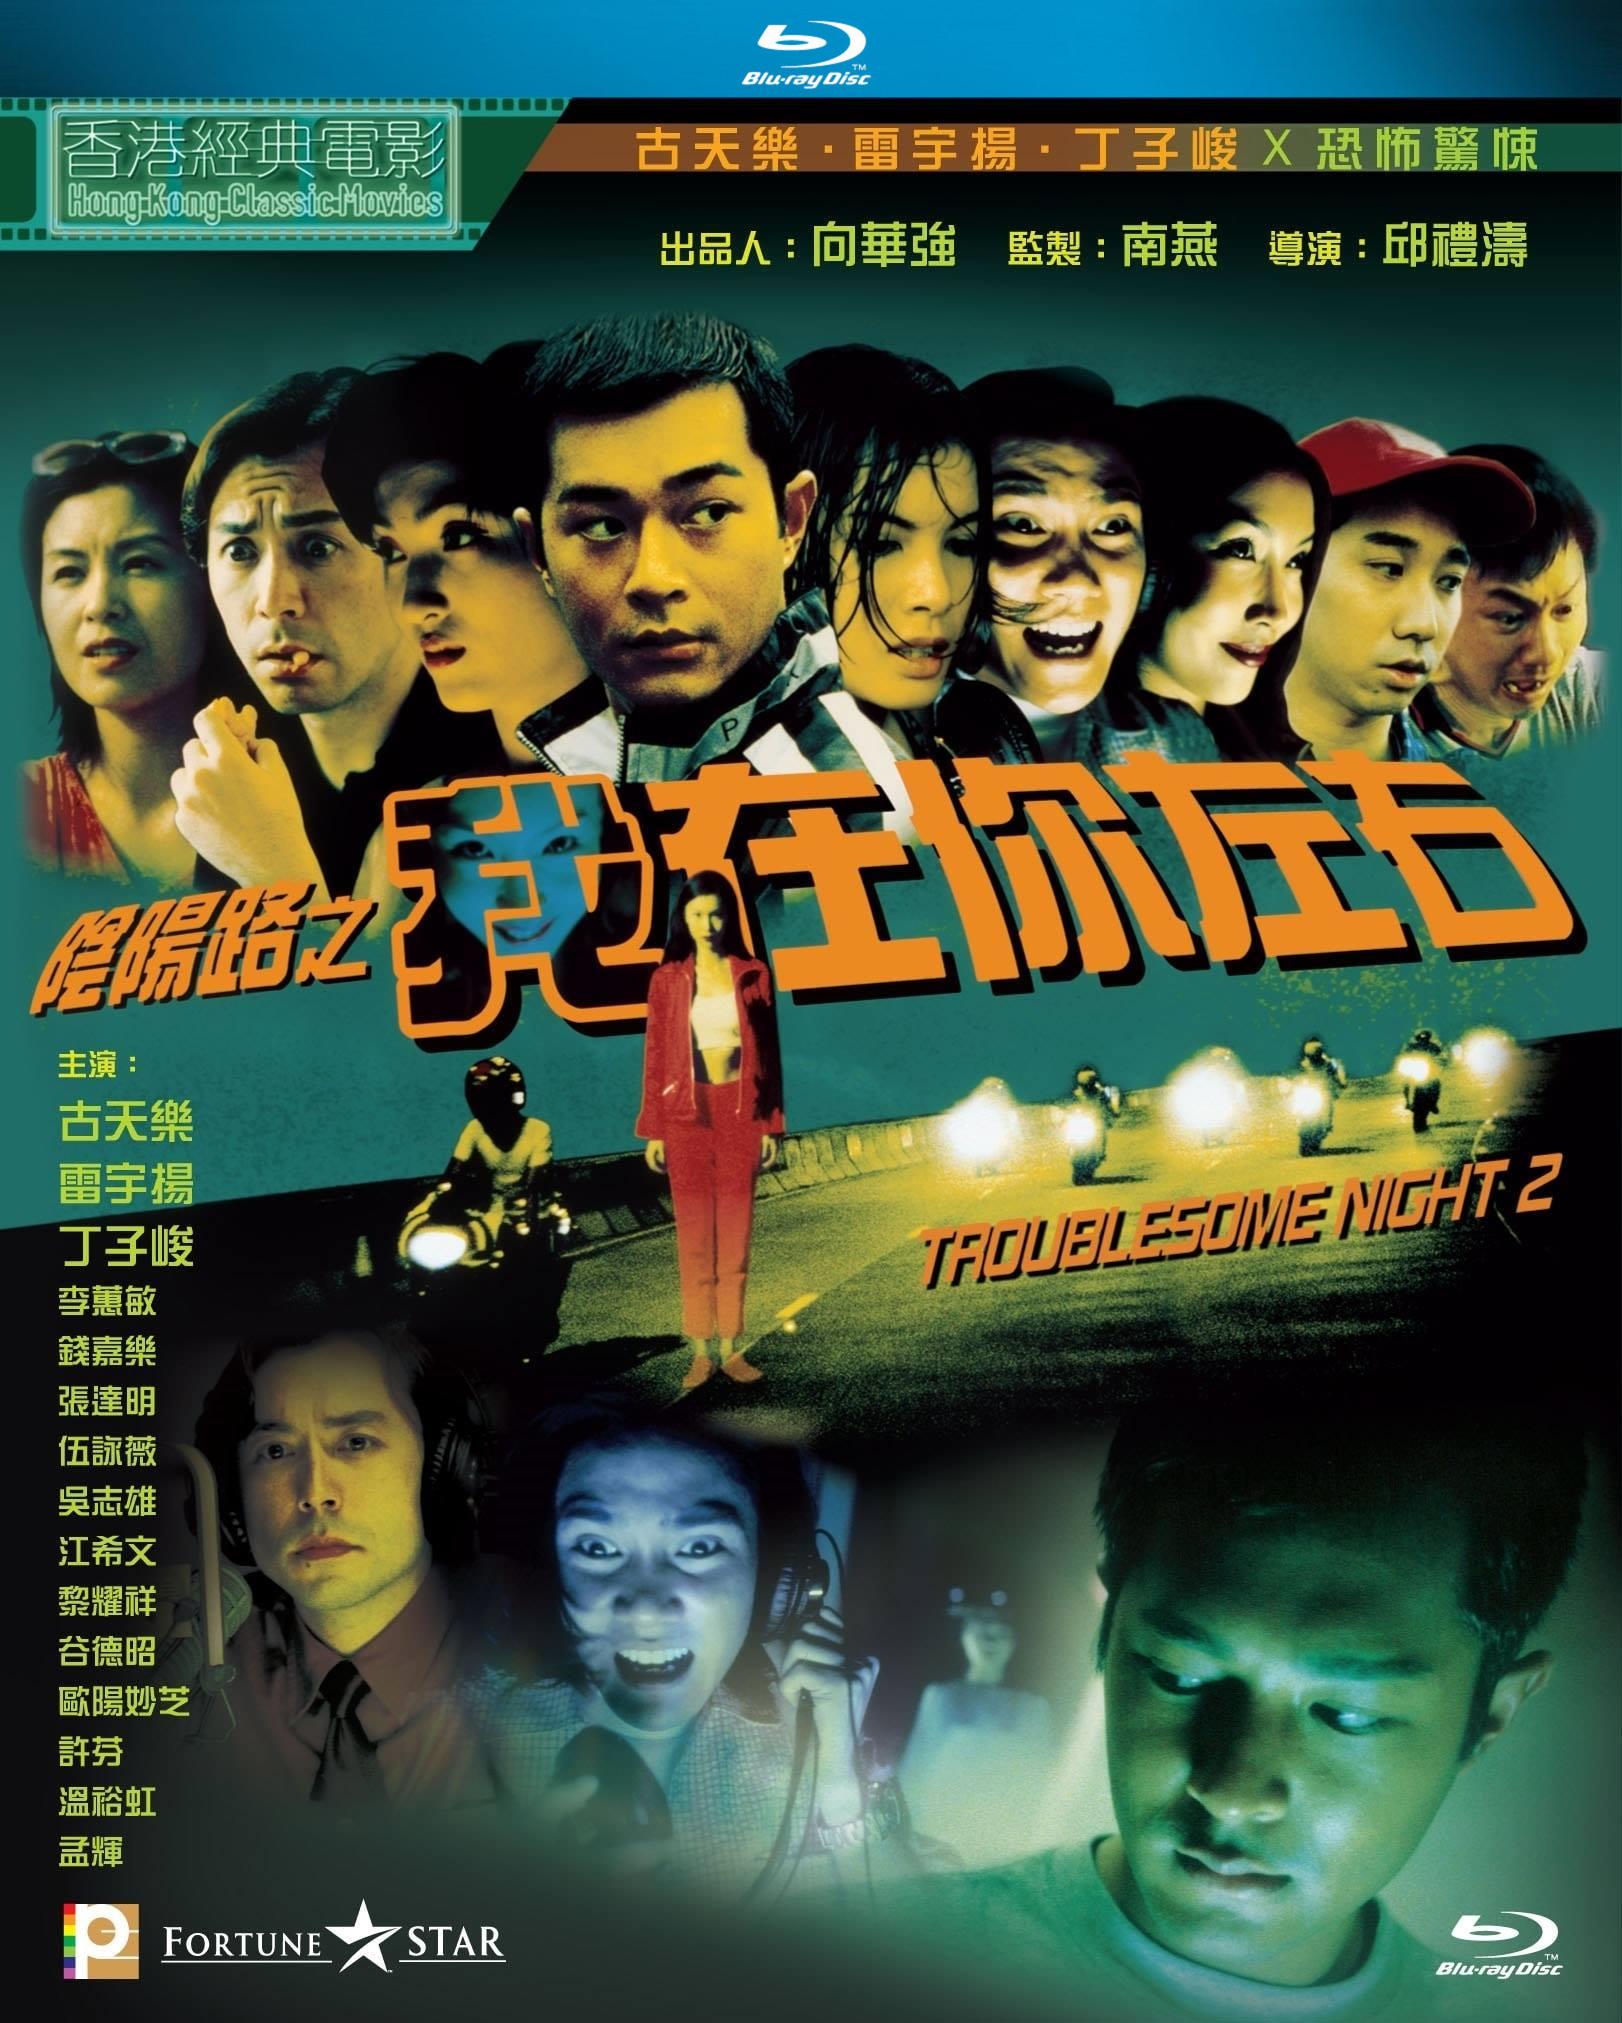 陰陽路2:我在你左右 國粵雙語 原盤繁簡英SUP字幕 Troublesome Night 2 1997 BluRay 1080p 2Audio DTS-HD MA 2.0 x265.10bit-BeiTai